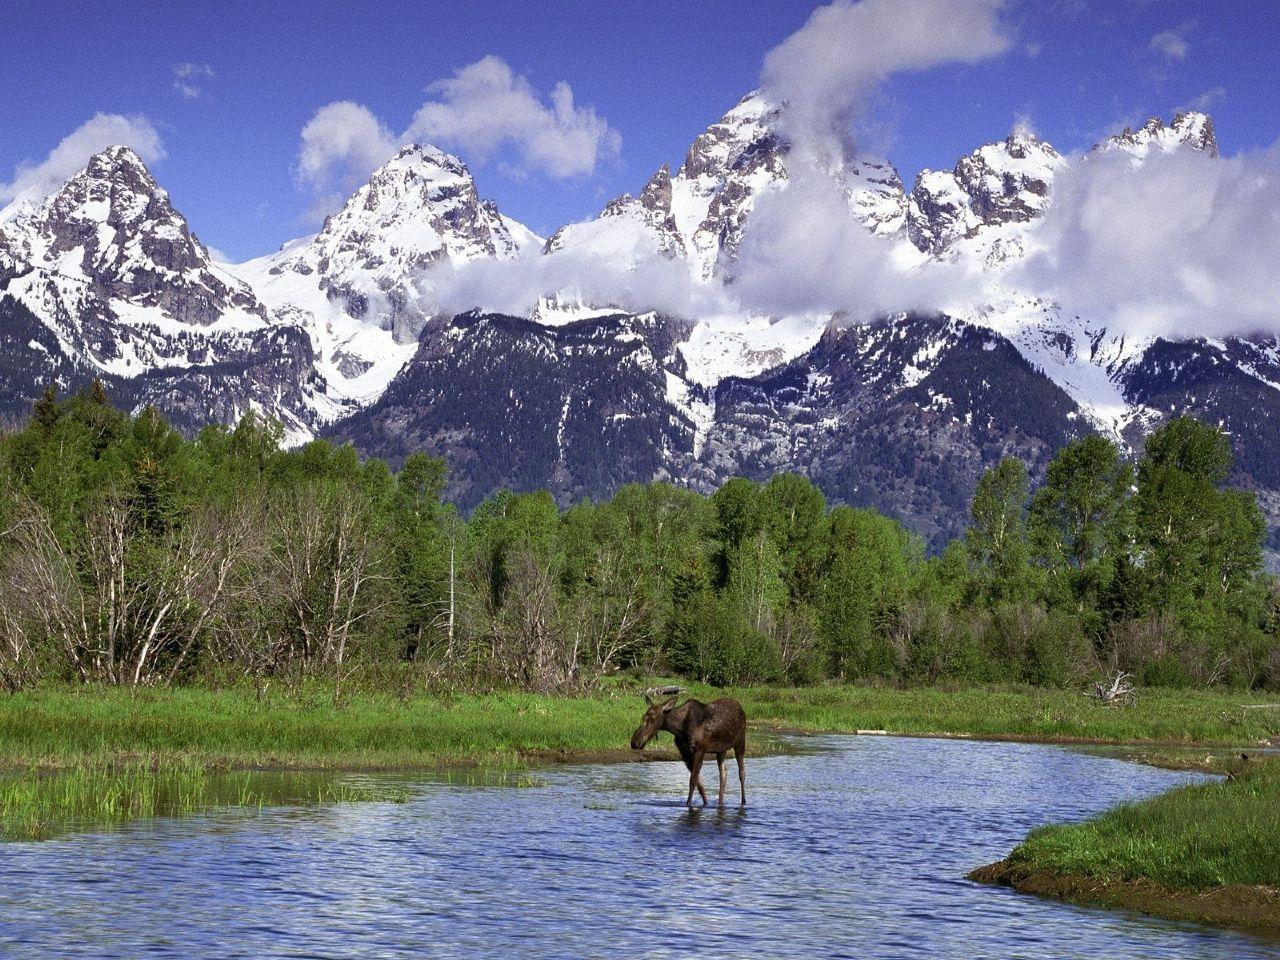 A moose crossing a river